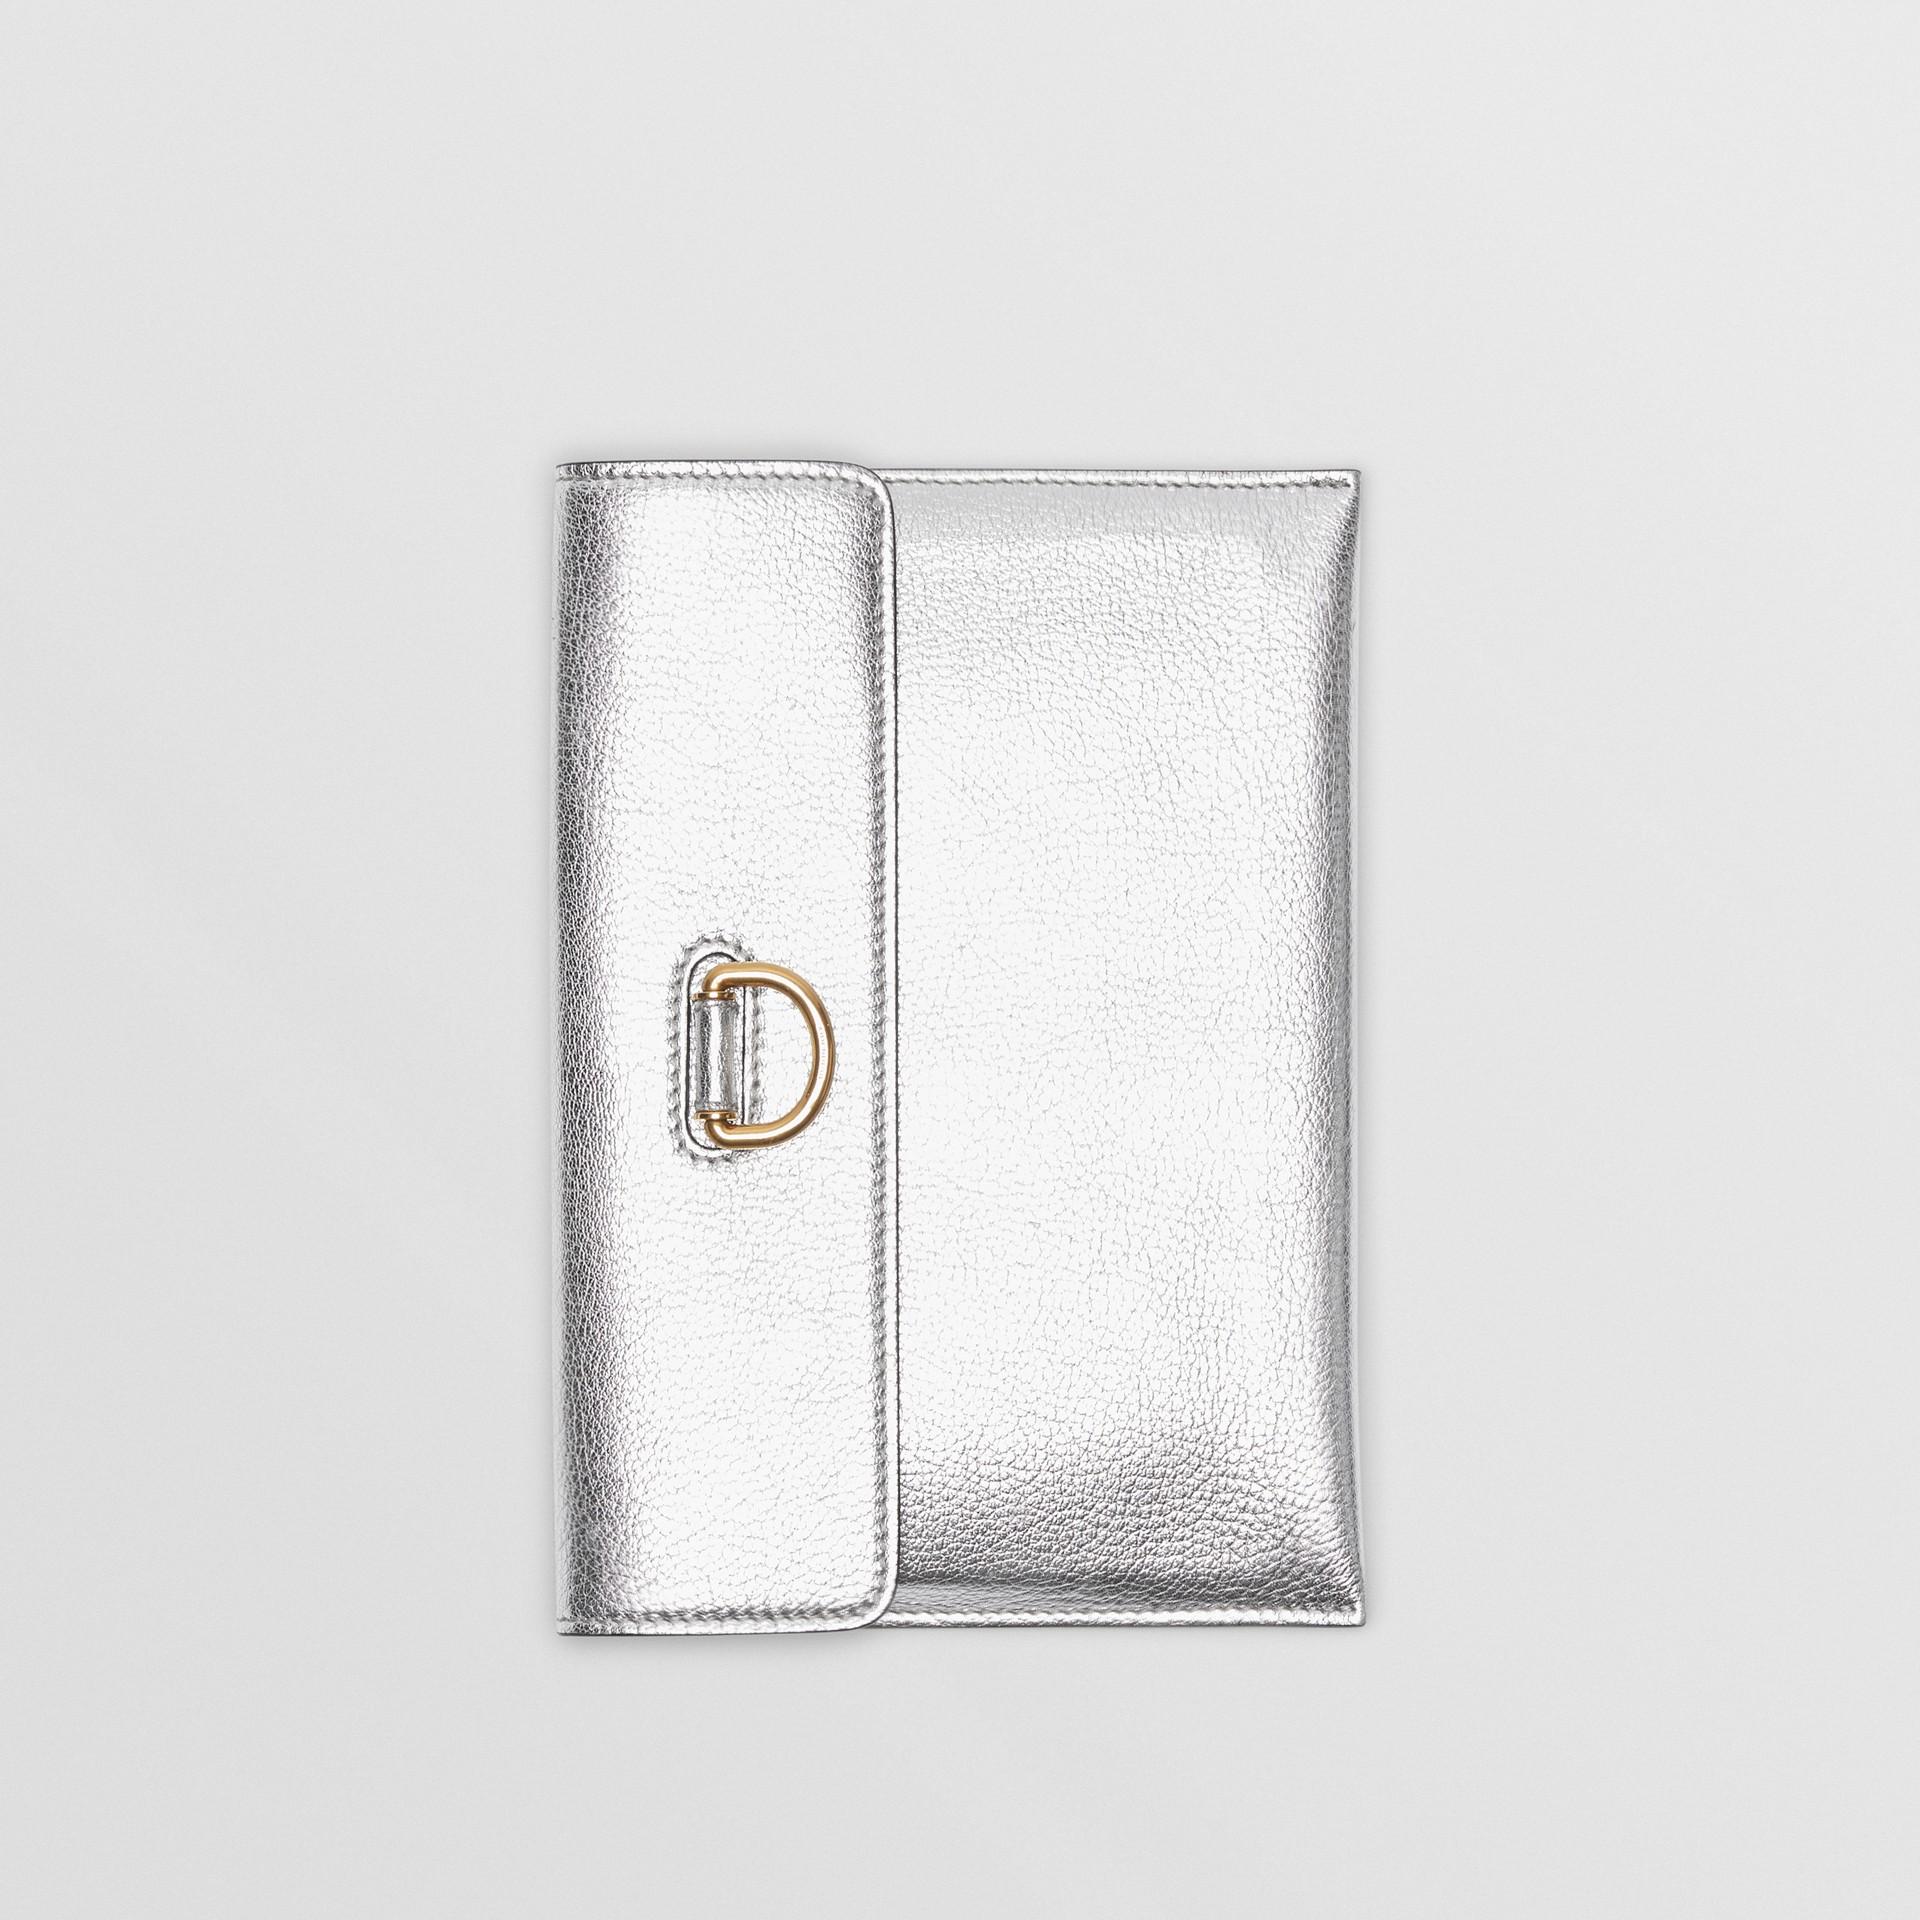 Trousse con portamonete in pelle metallizzata con cerniera e anello a D (Argento) - Donna | Burberry - immagine della galleria 4